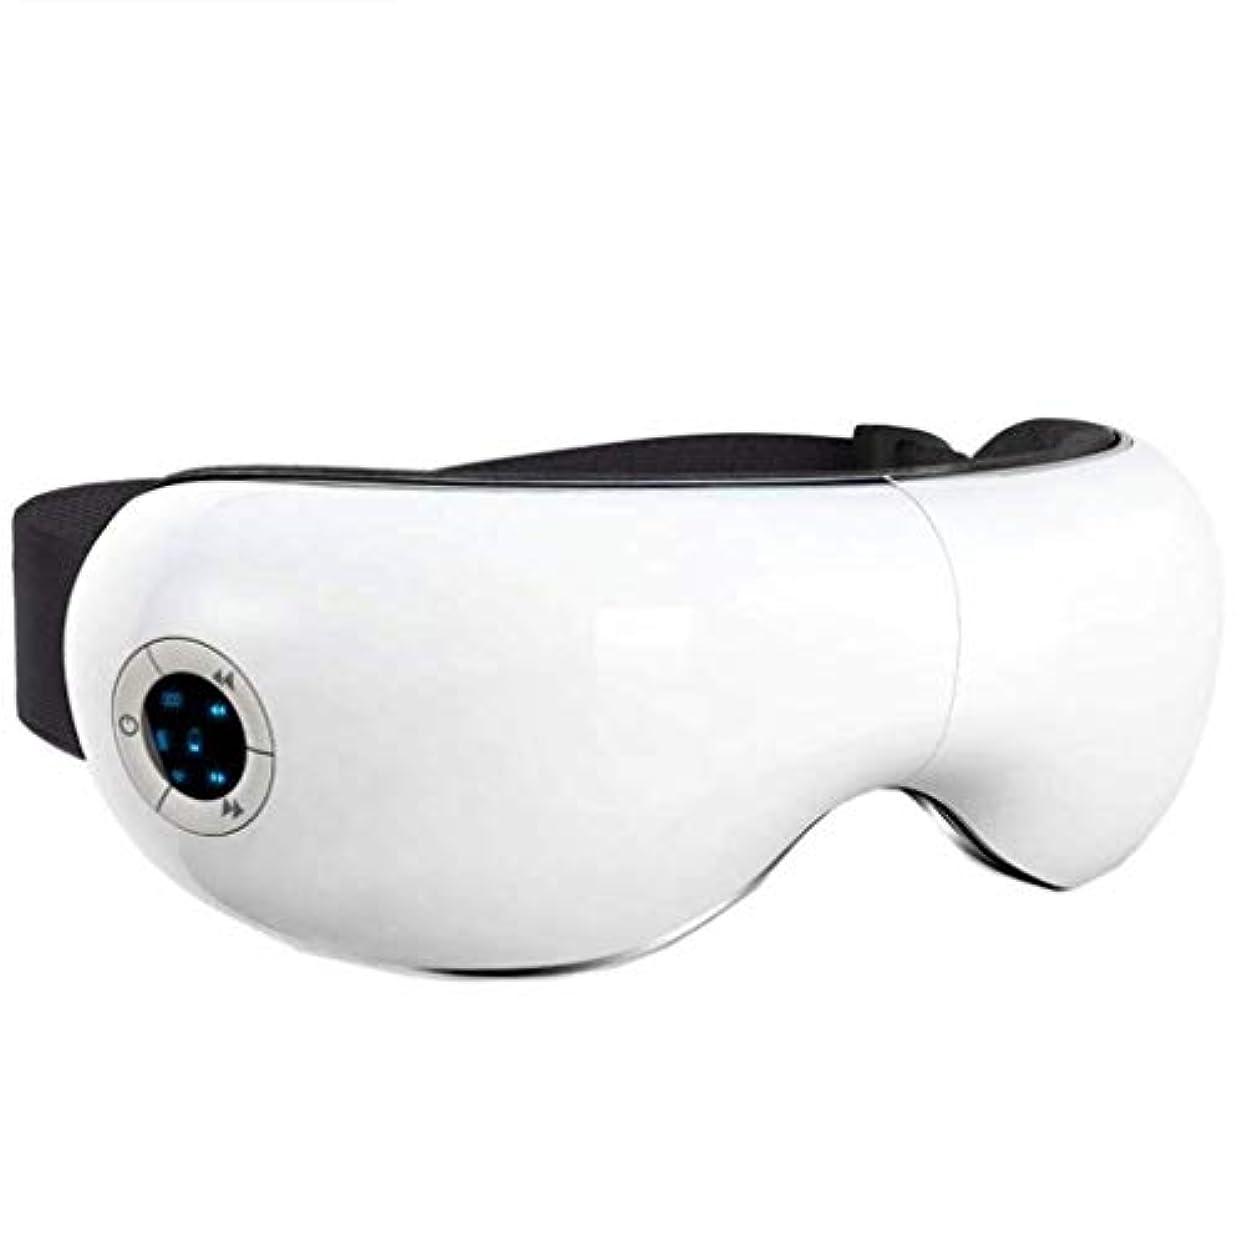 相続人検出可能寛解アイマッサージャー、加熱/圧縮/振動/なだめるような音楽を使用した折り畳み式ニキビアイマッサージ、アイバッグとダークサークル、目の疲労を和らげる